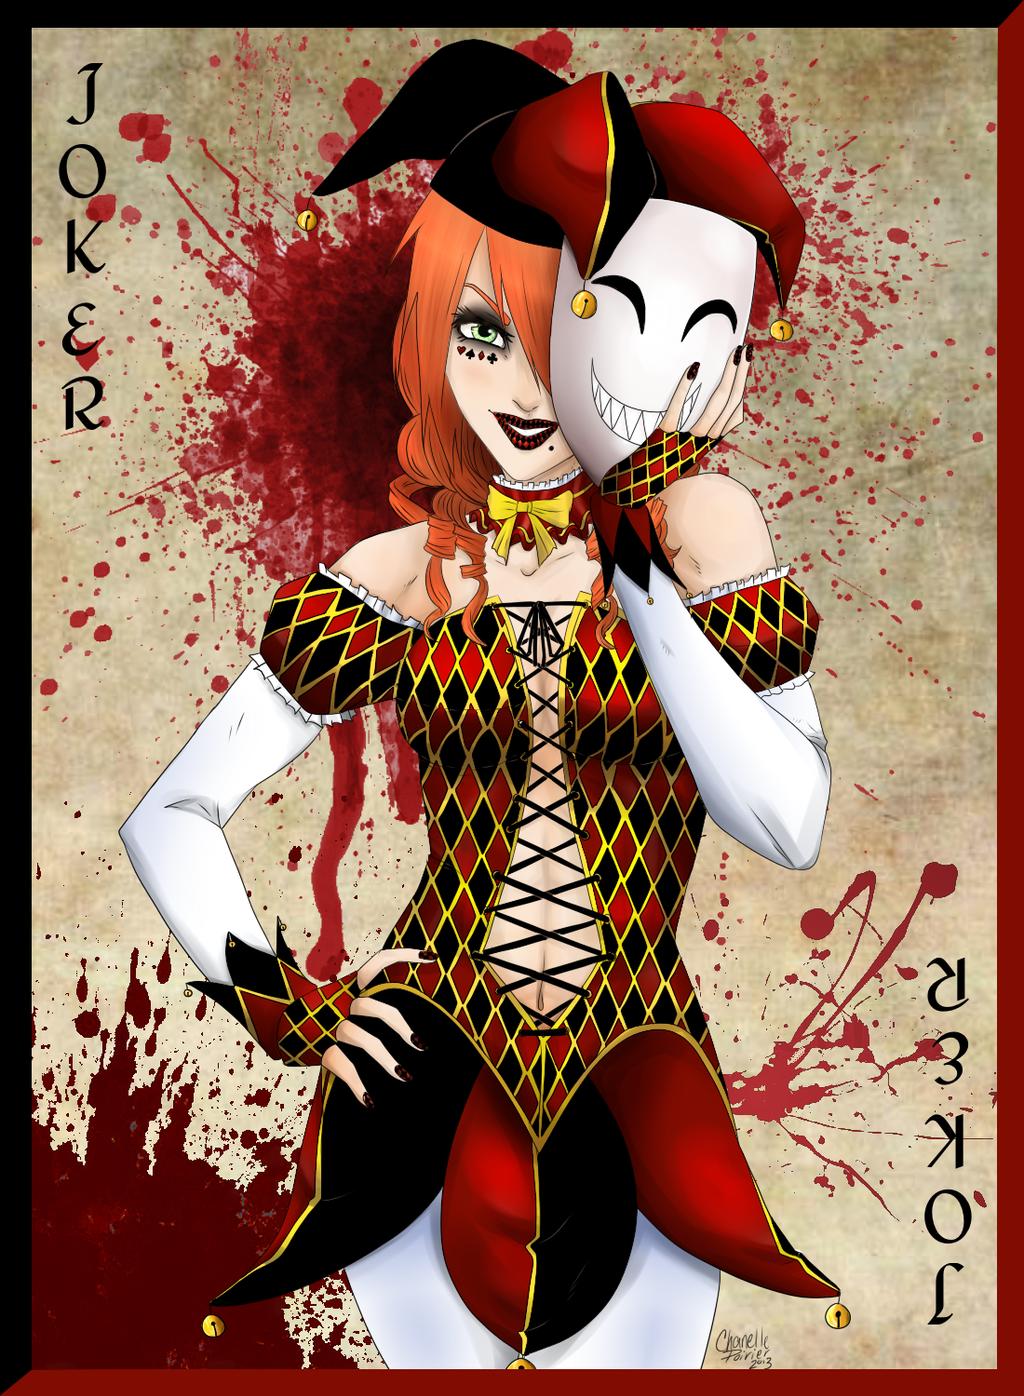 joker card art - photo #26